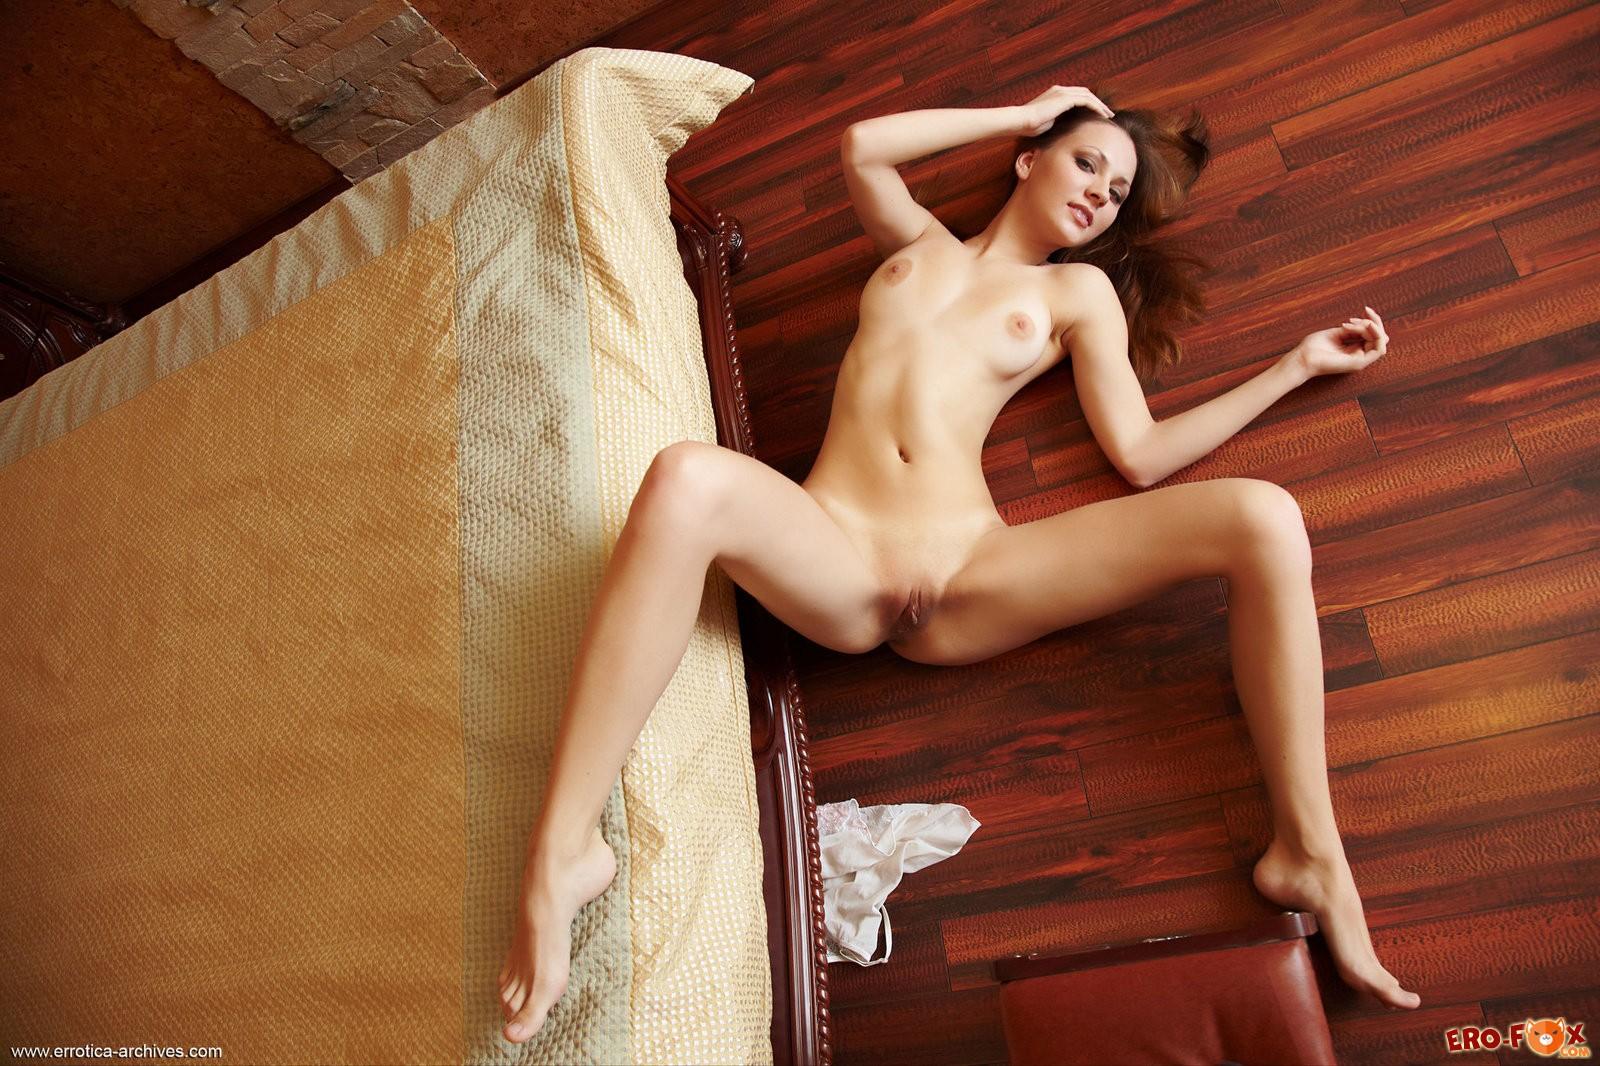 Голая девушка лежит на полу  в спальне.